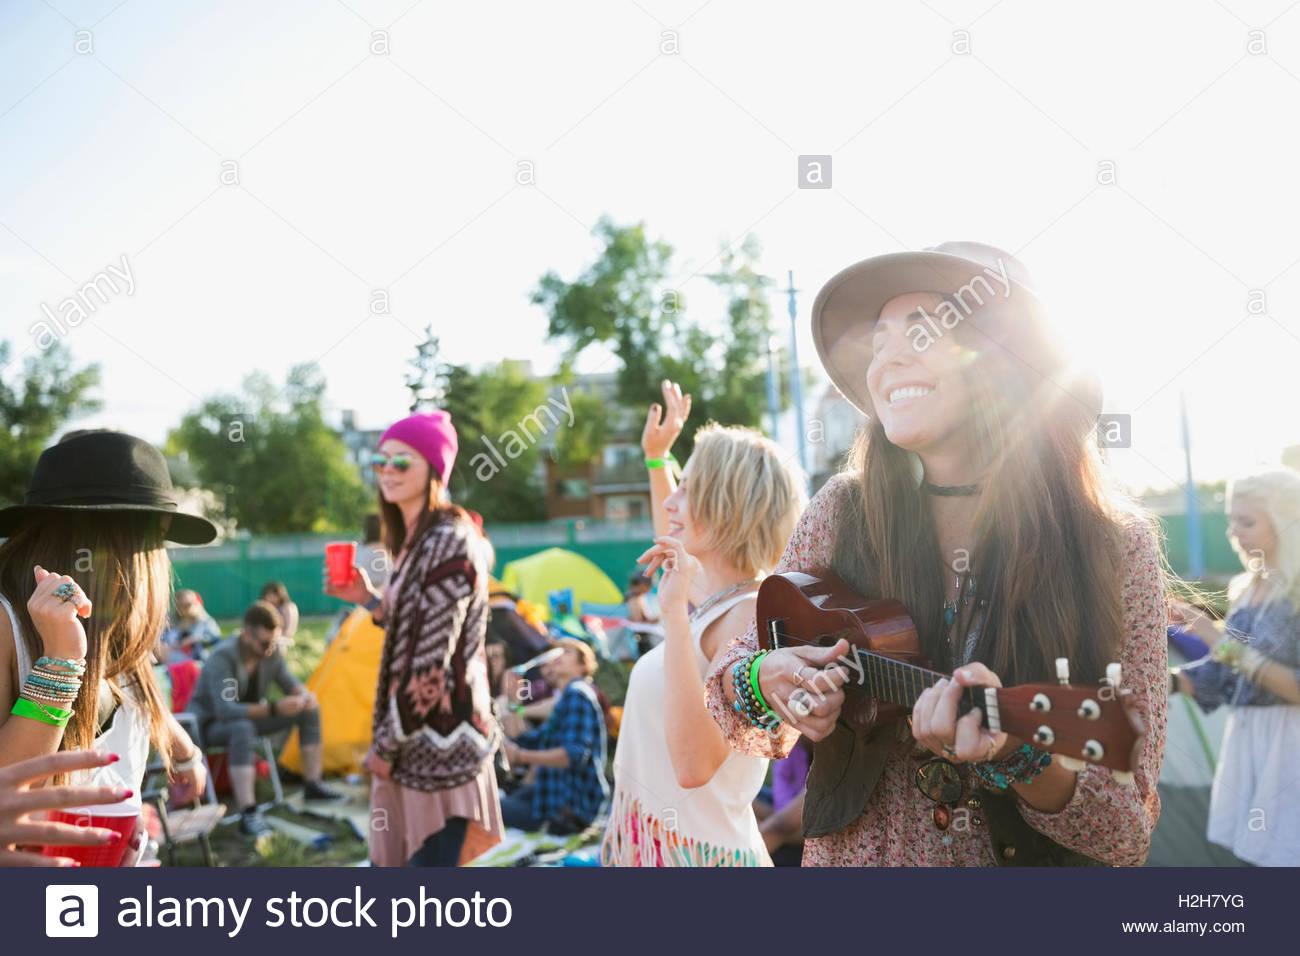 Mujer sonriente jugando ukulele en festival de música de verano camping Imagen De Stock